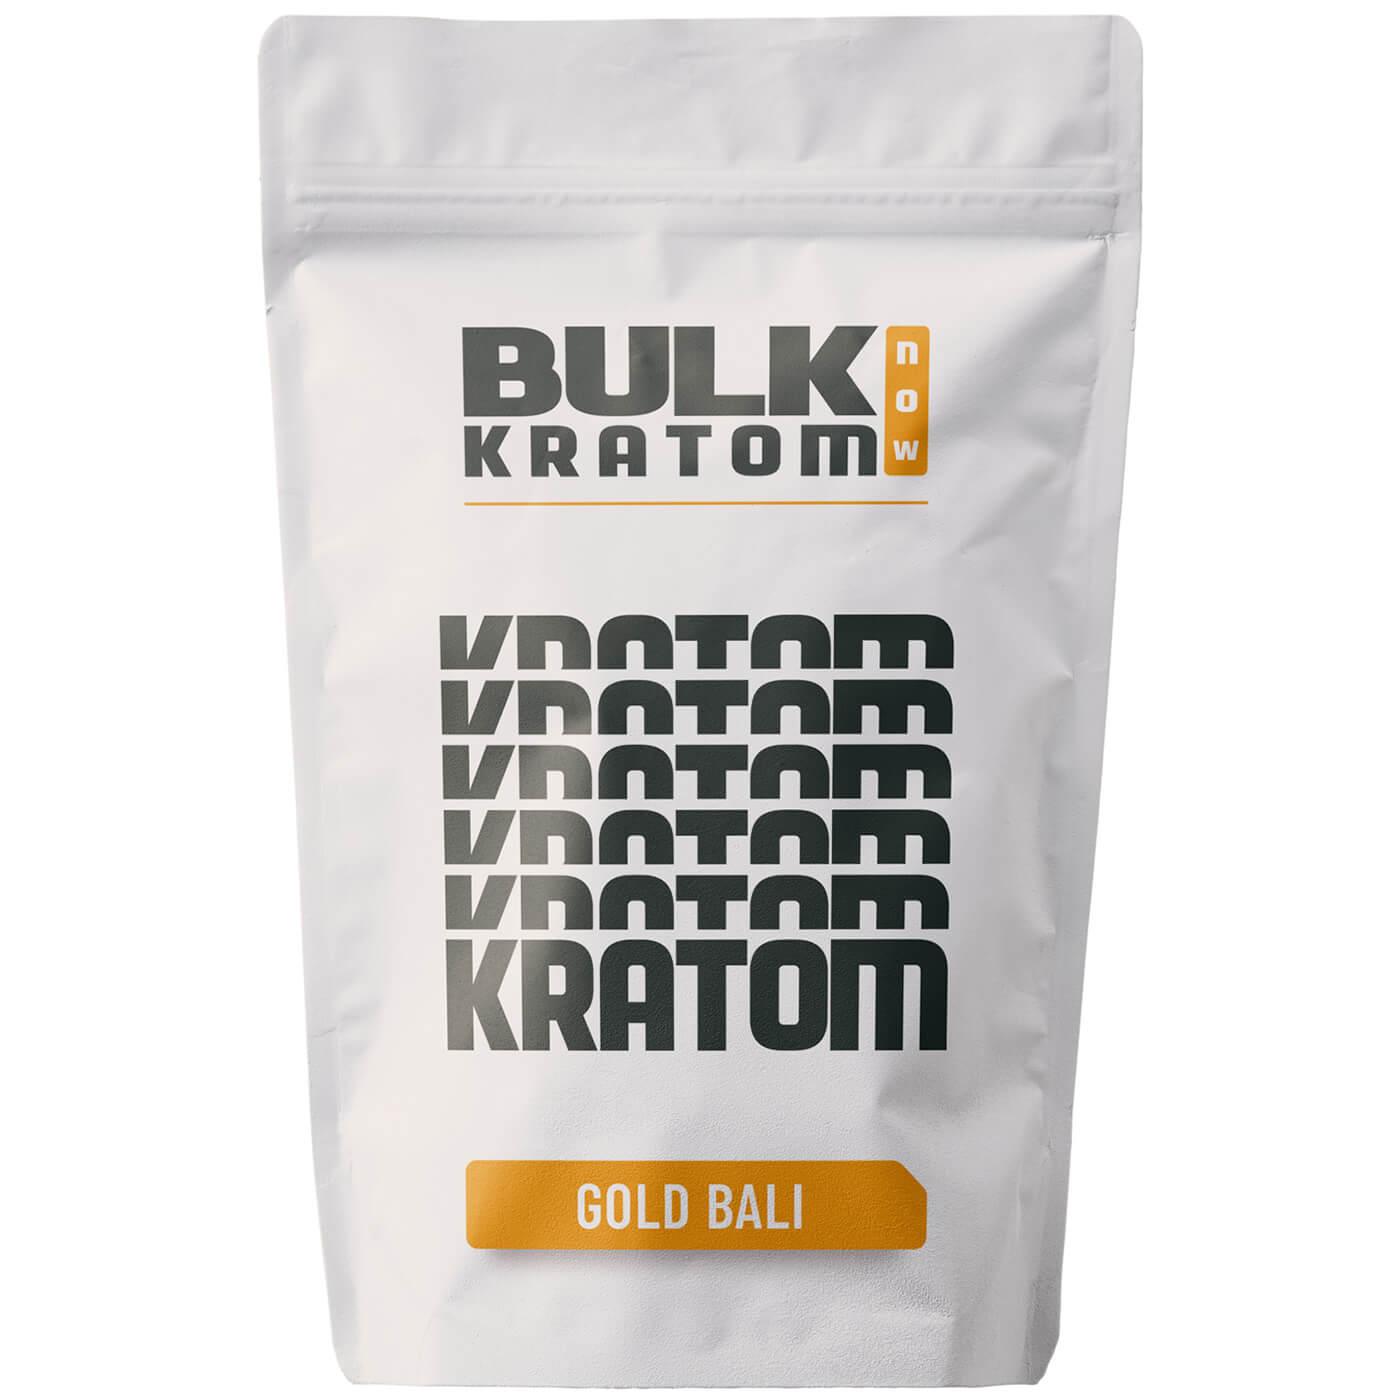 Buy Gold Bali kratom